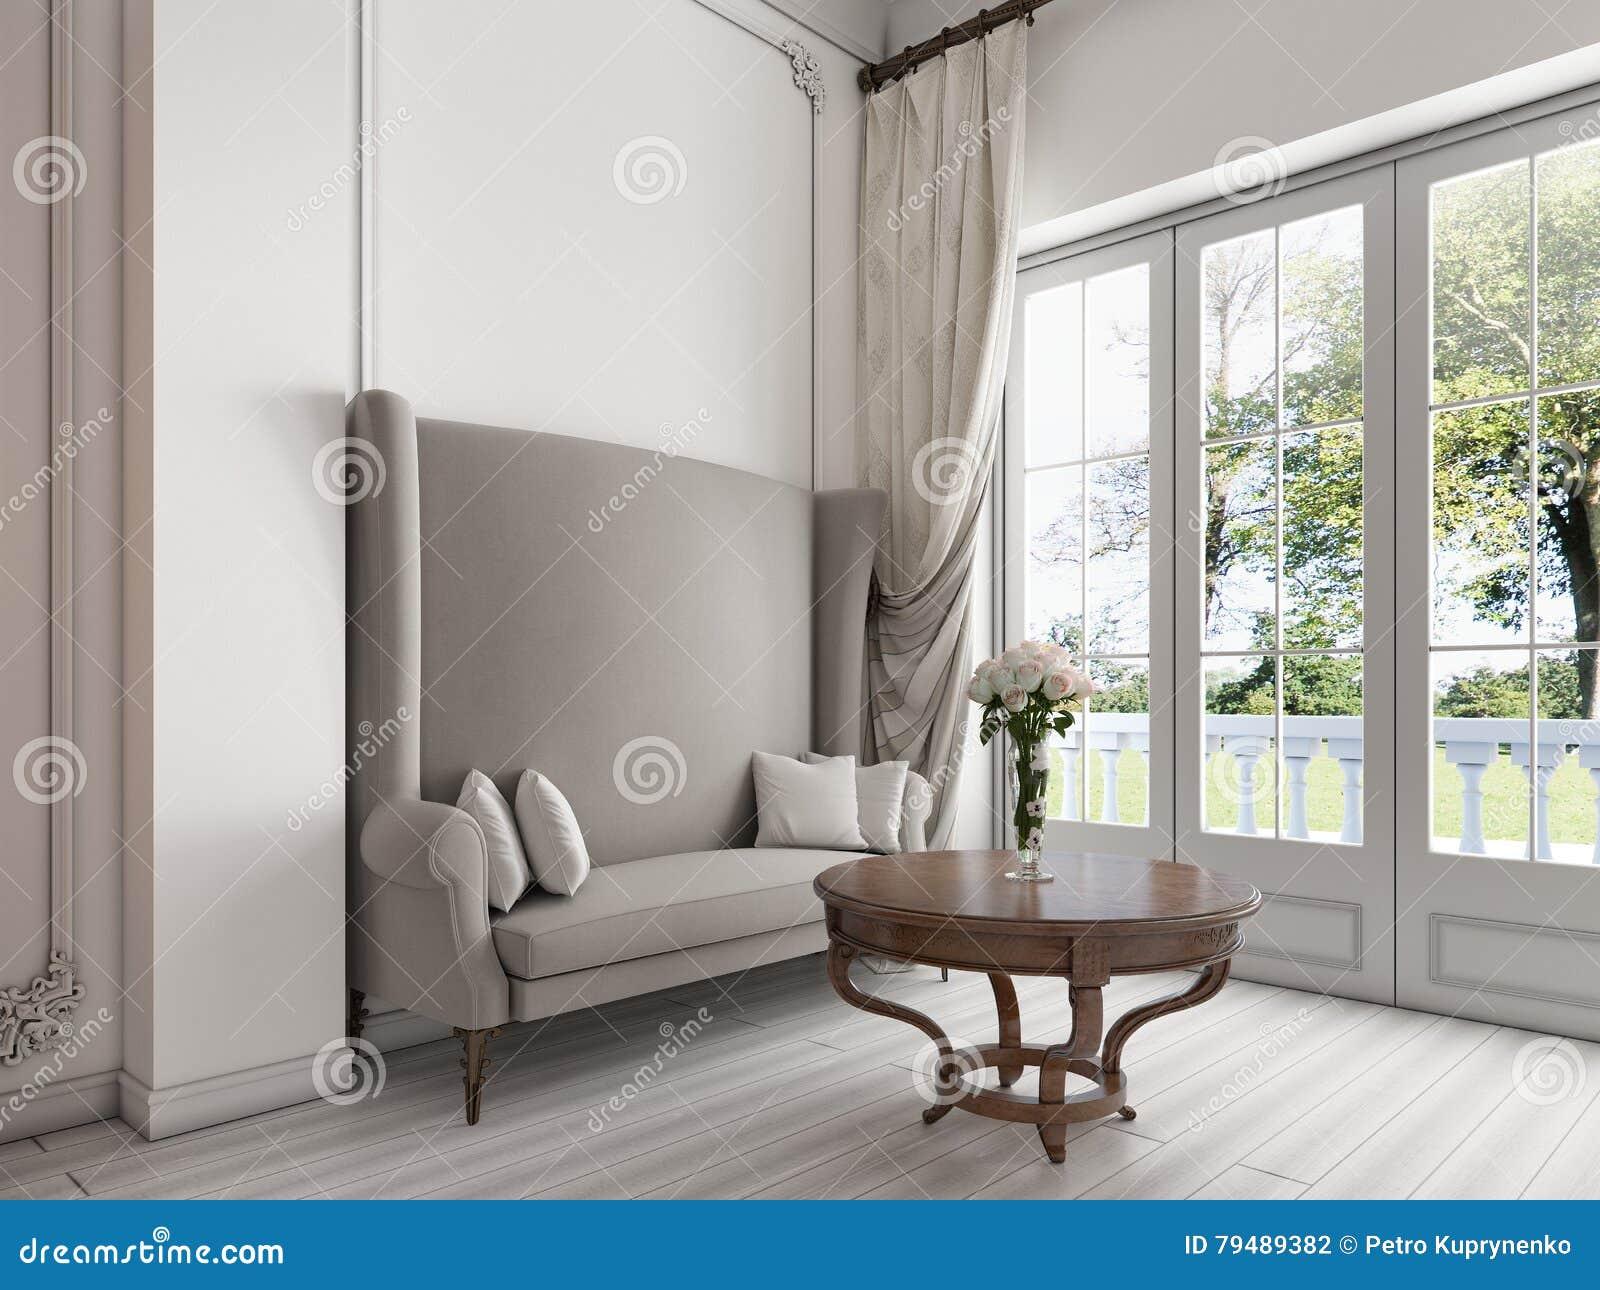 Tavolino Salotto Verde : Sofà lussuoso da grande windows panoramico e da un tavolino da